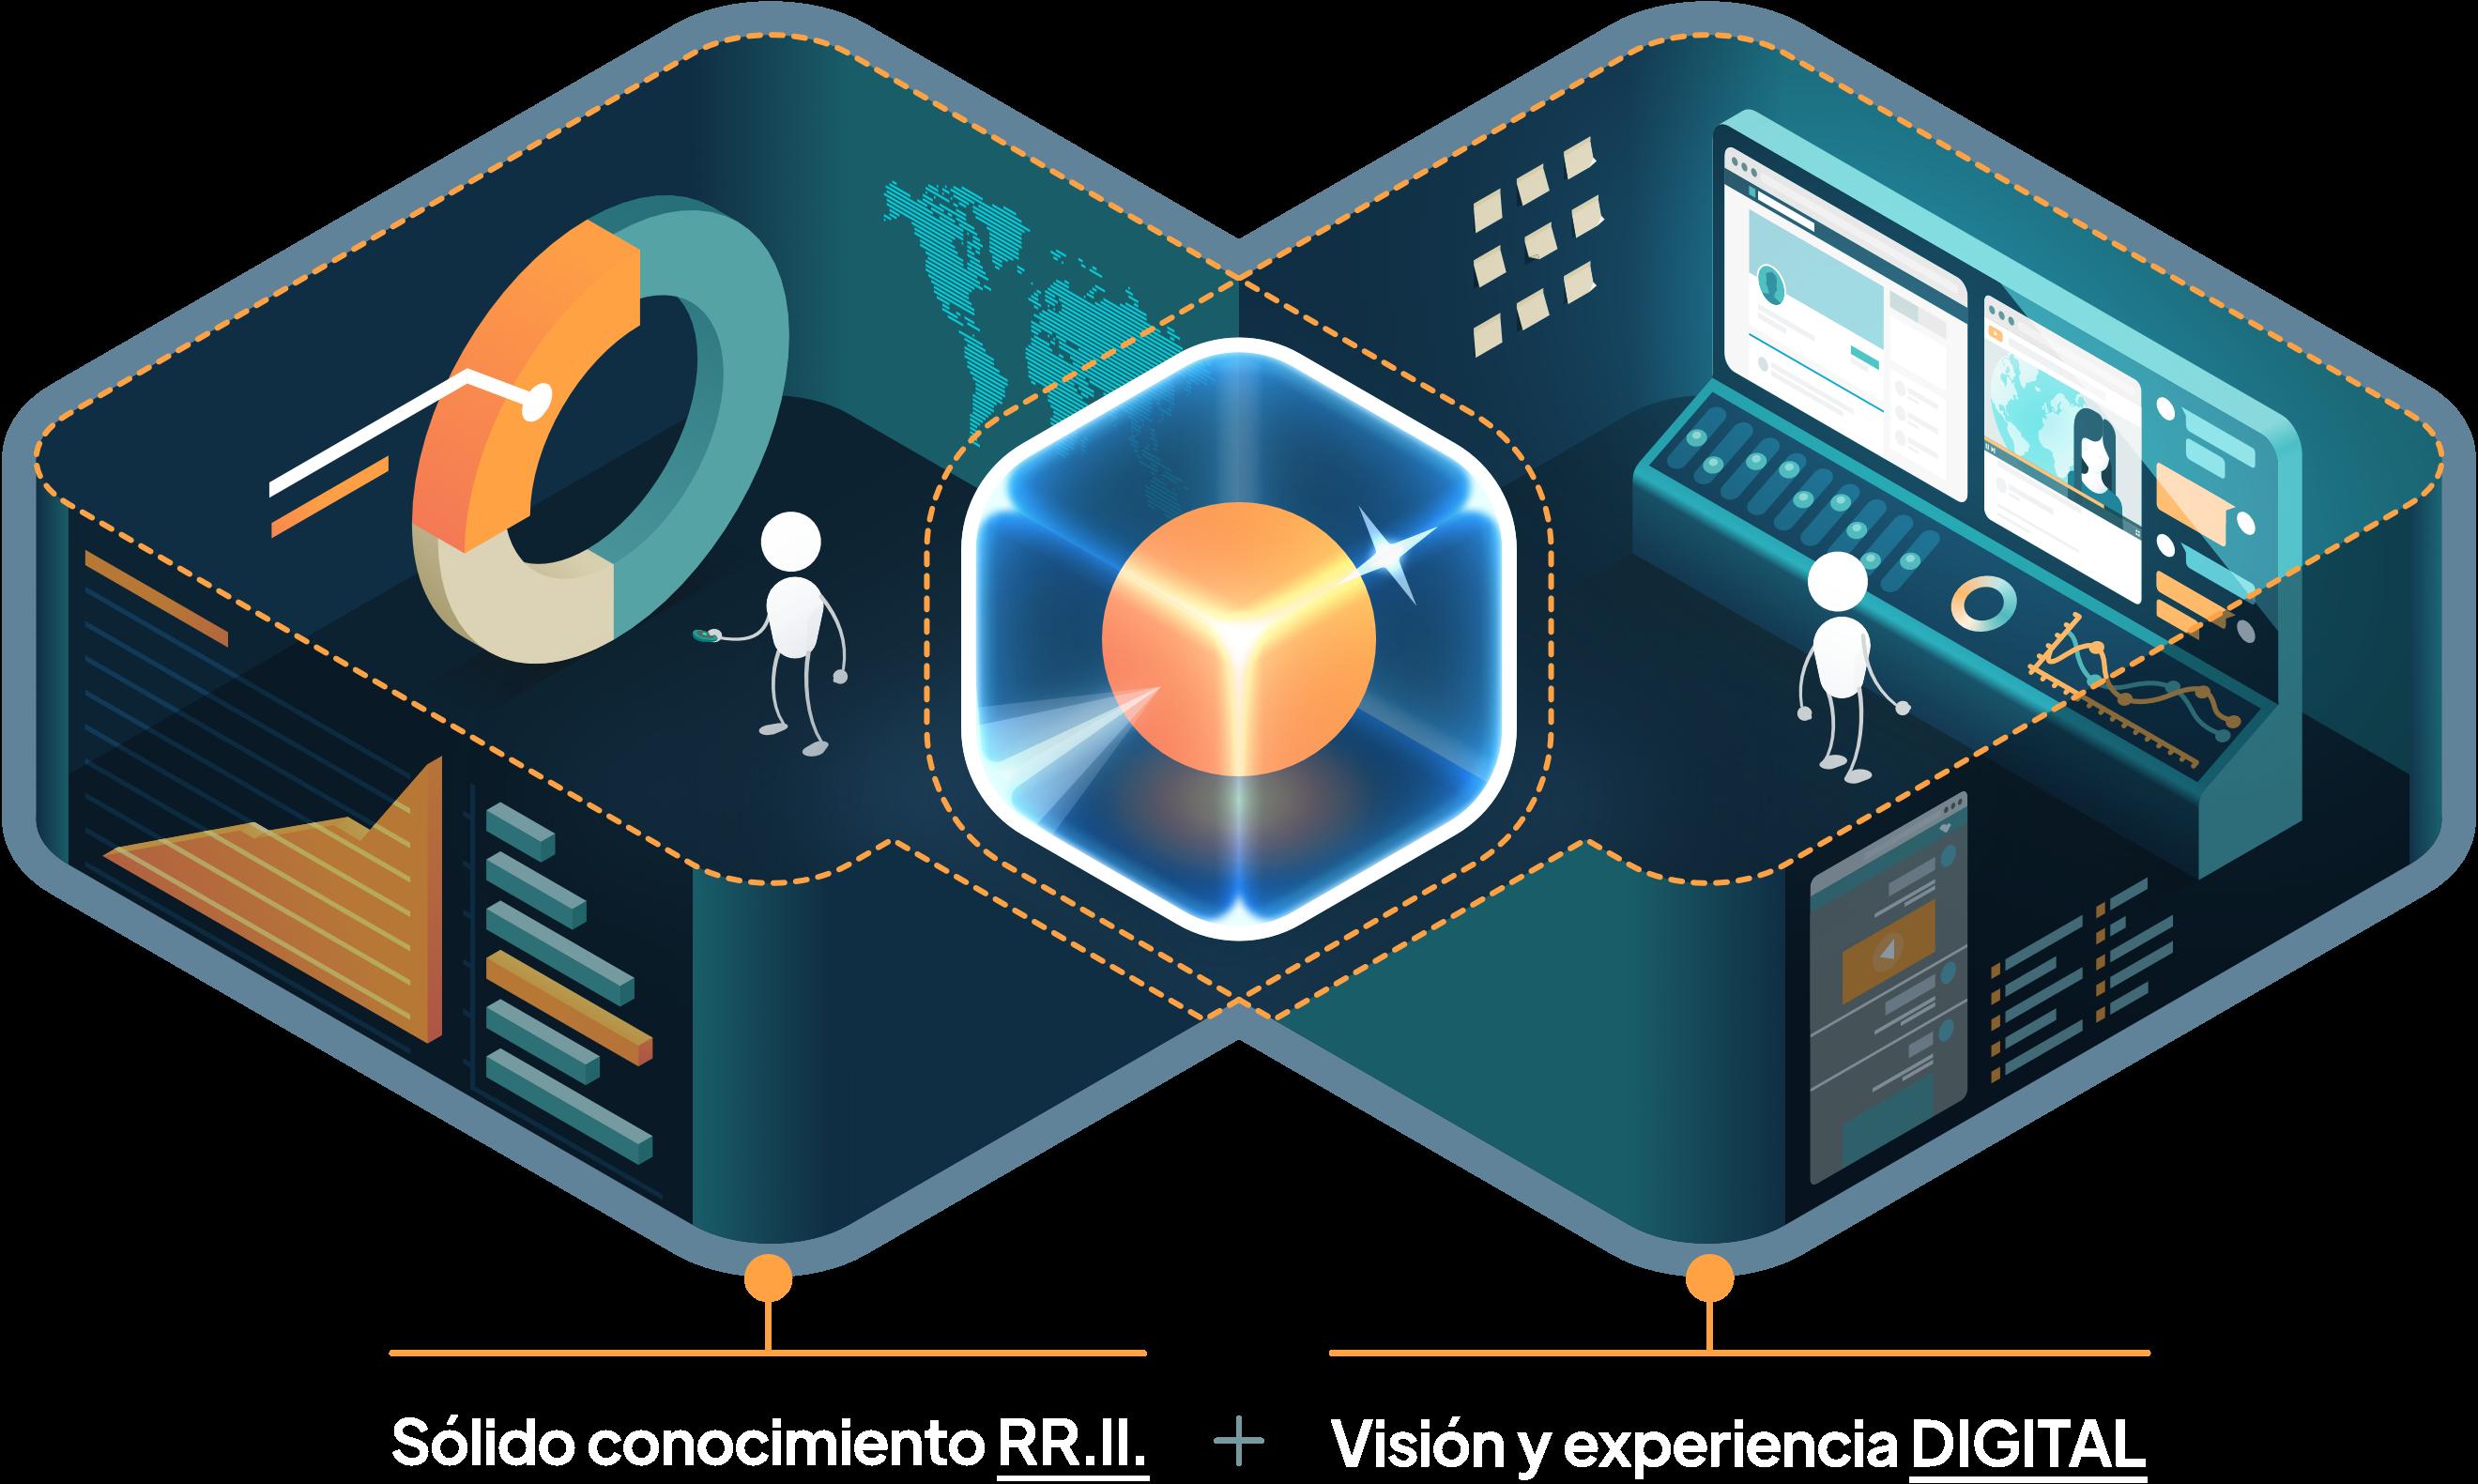 Puesto de mando del sólido conocimiento de Relaciones con Inversores y la visión y experiencia en comunicación digital.